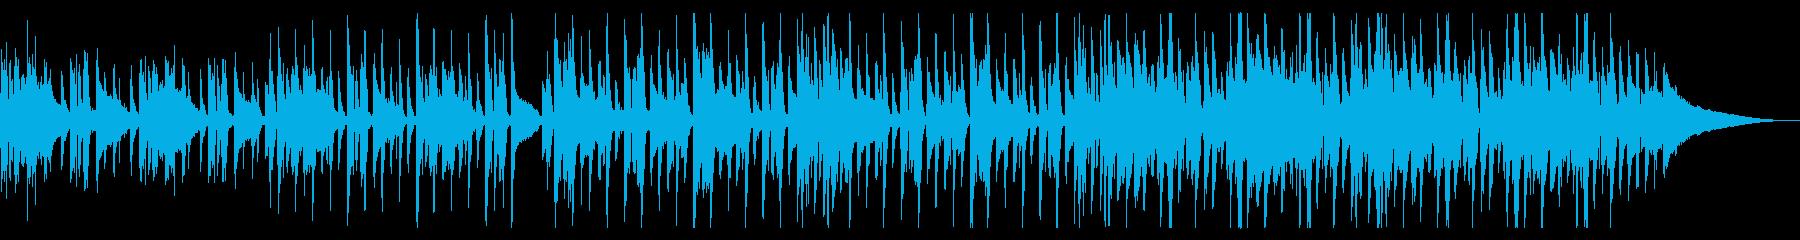 爽やかなハウス_3の再生済みの波形